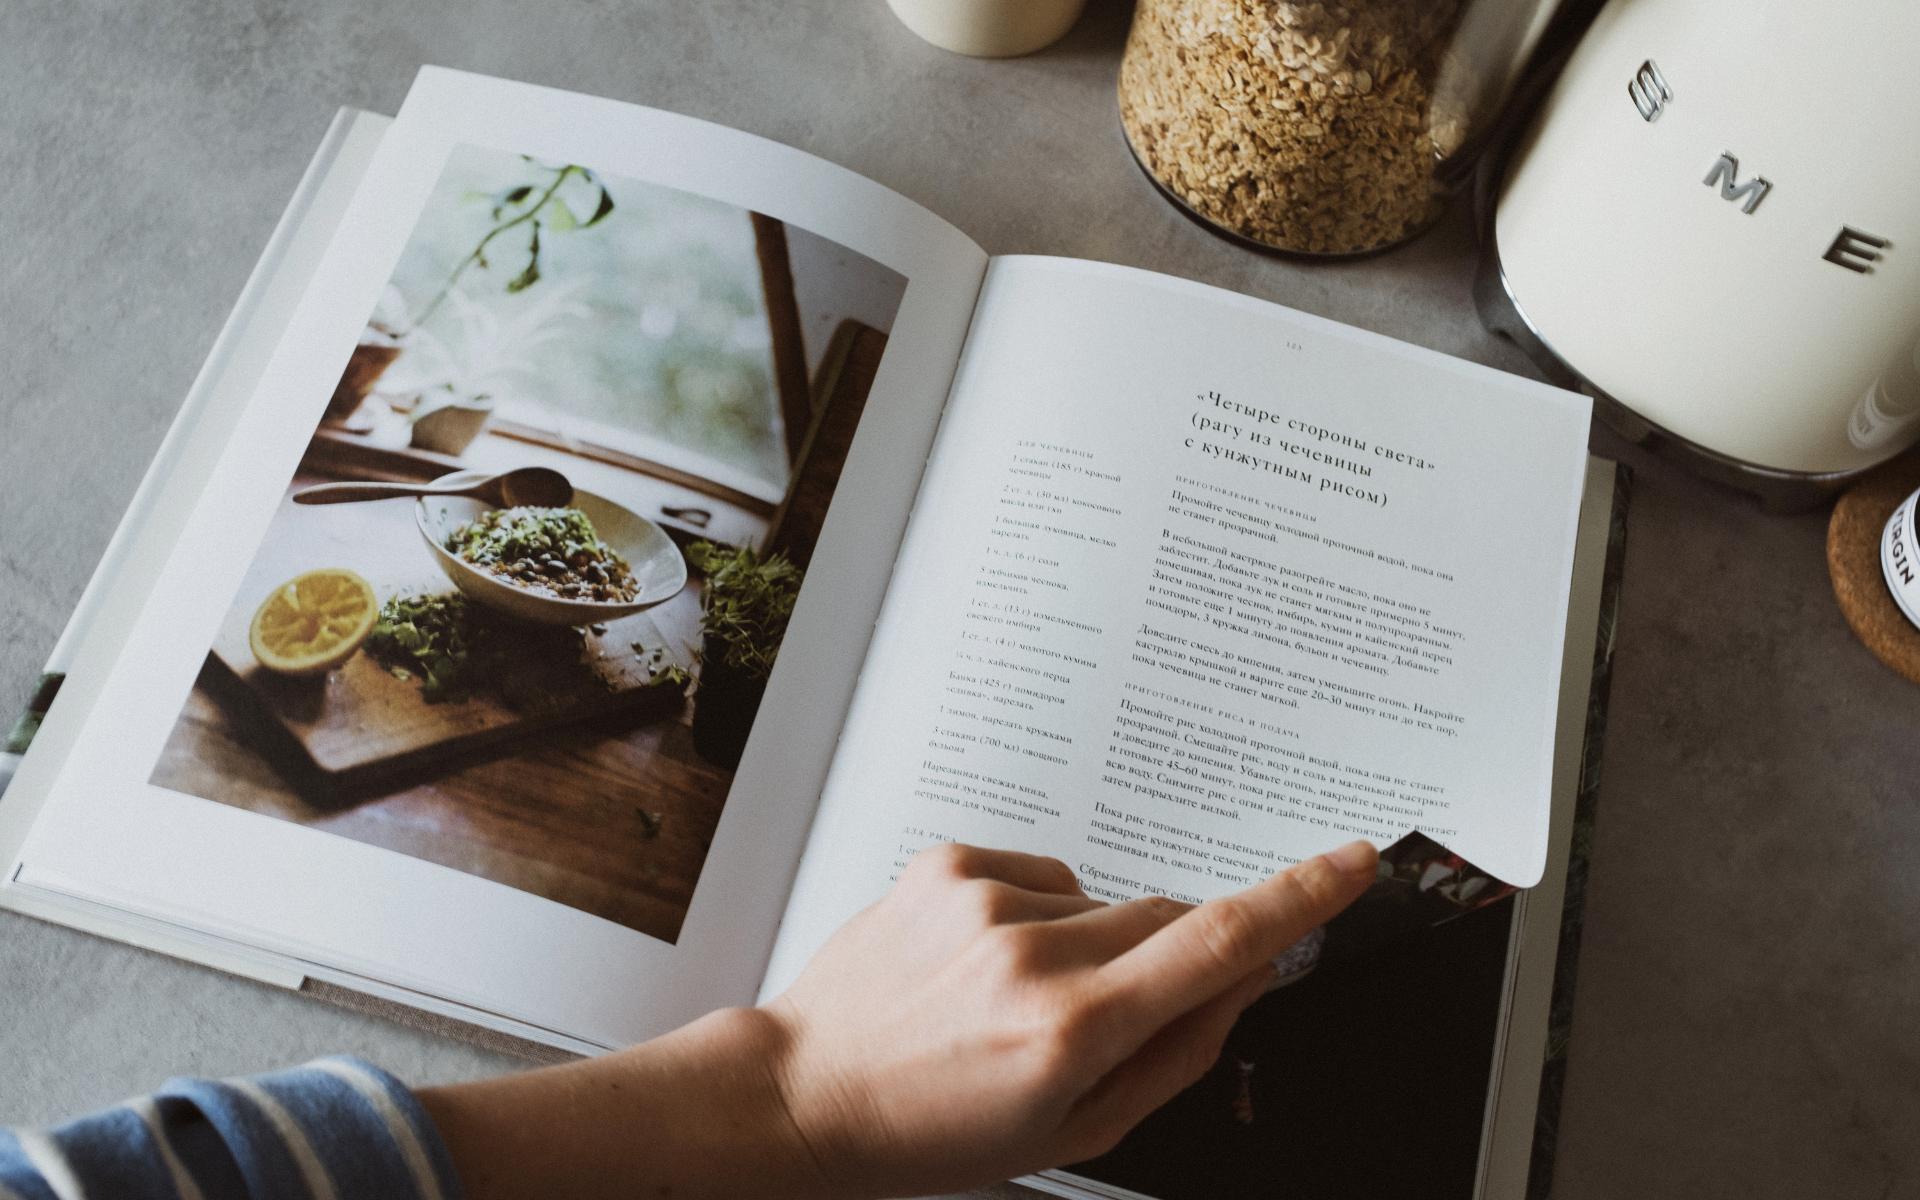 Les livres et kits recette